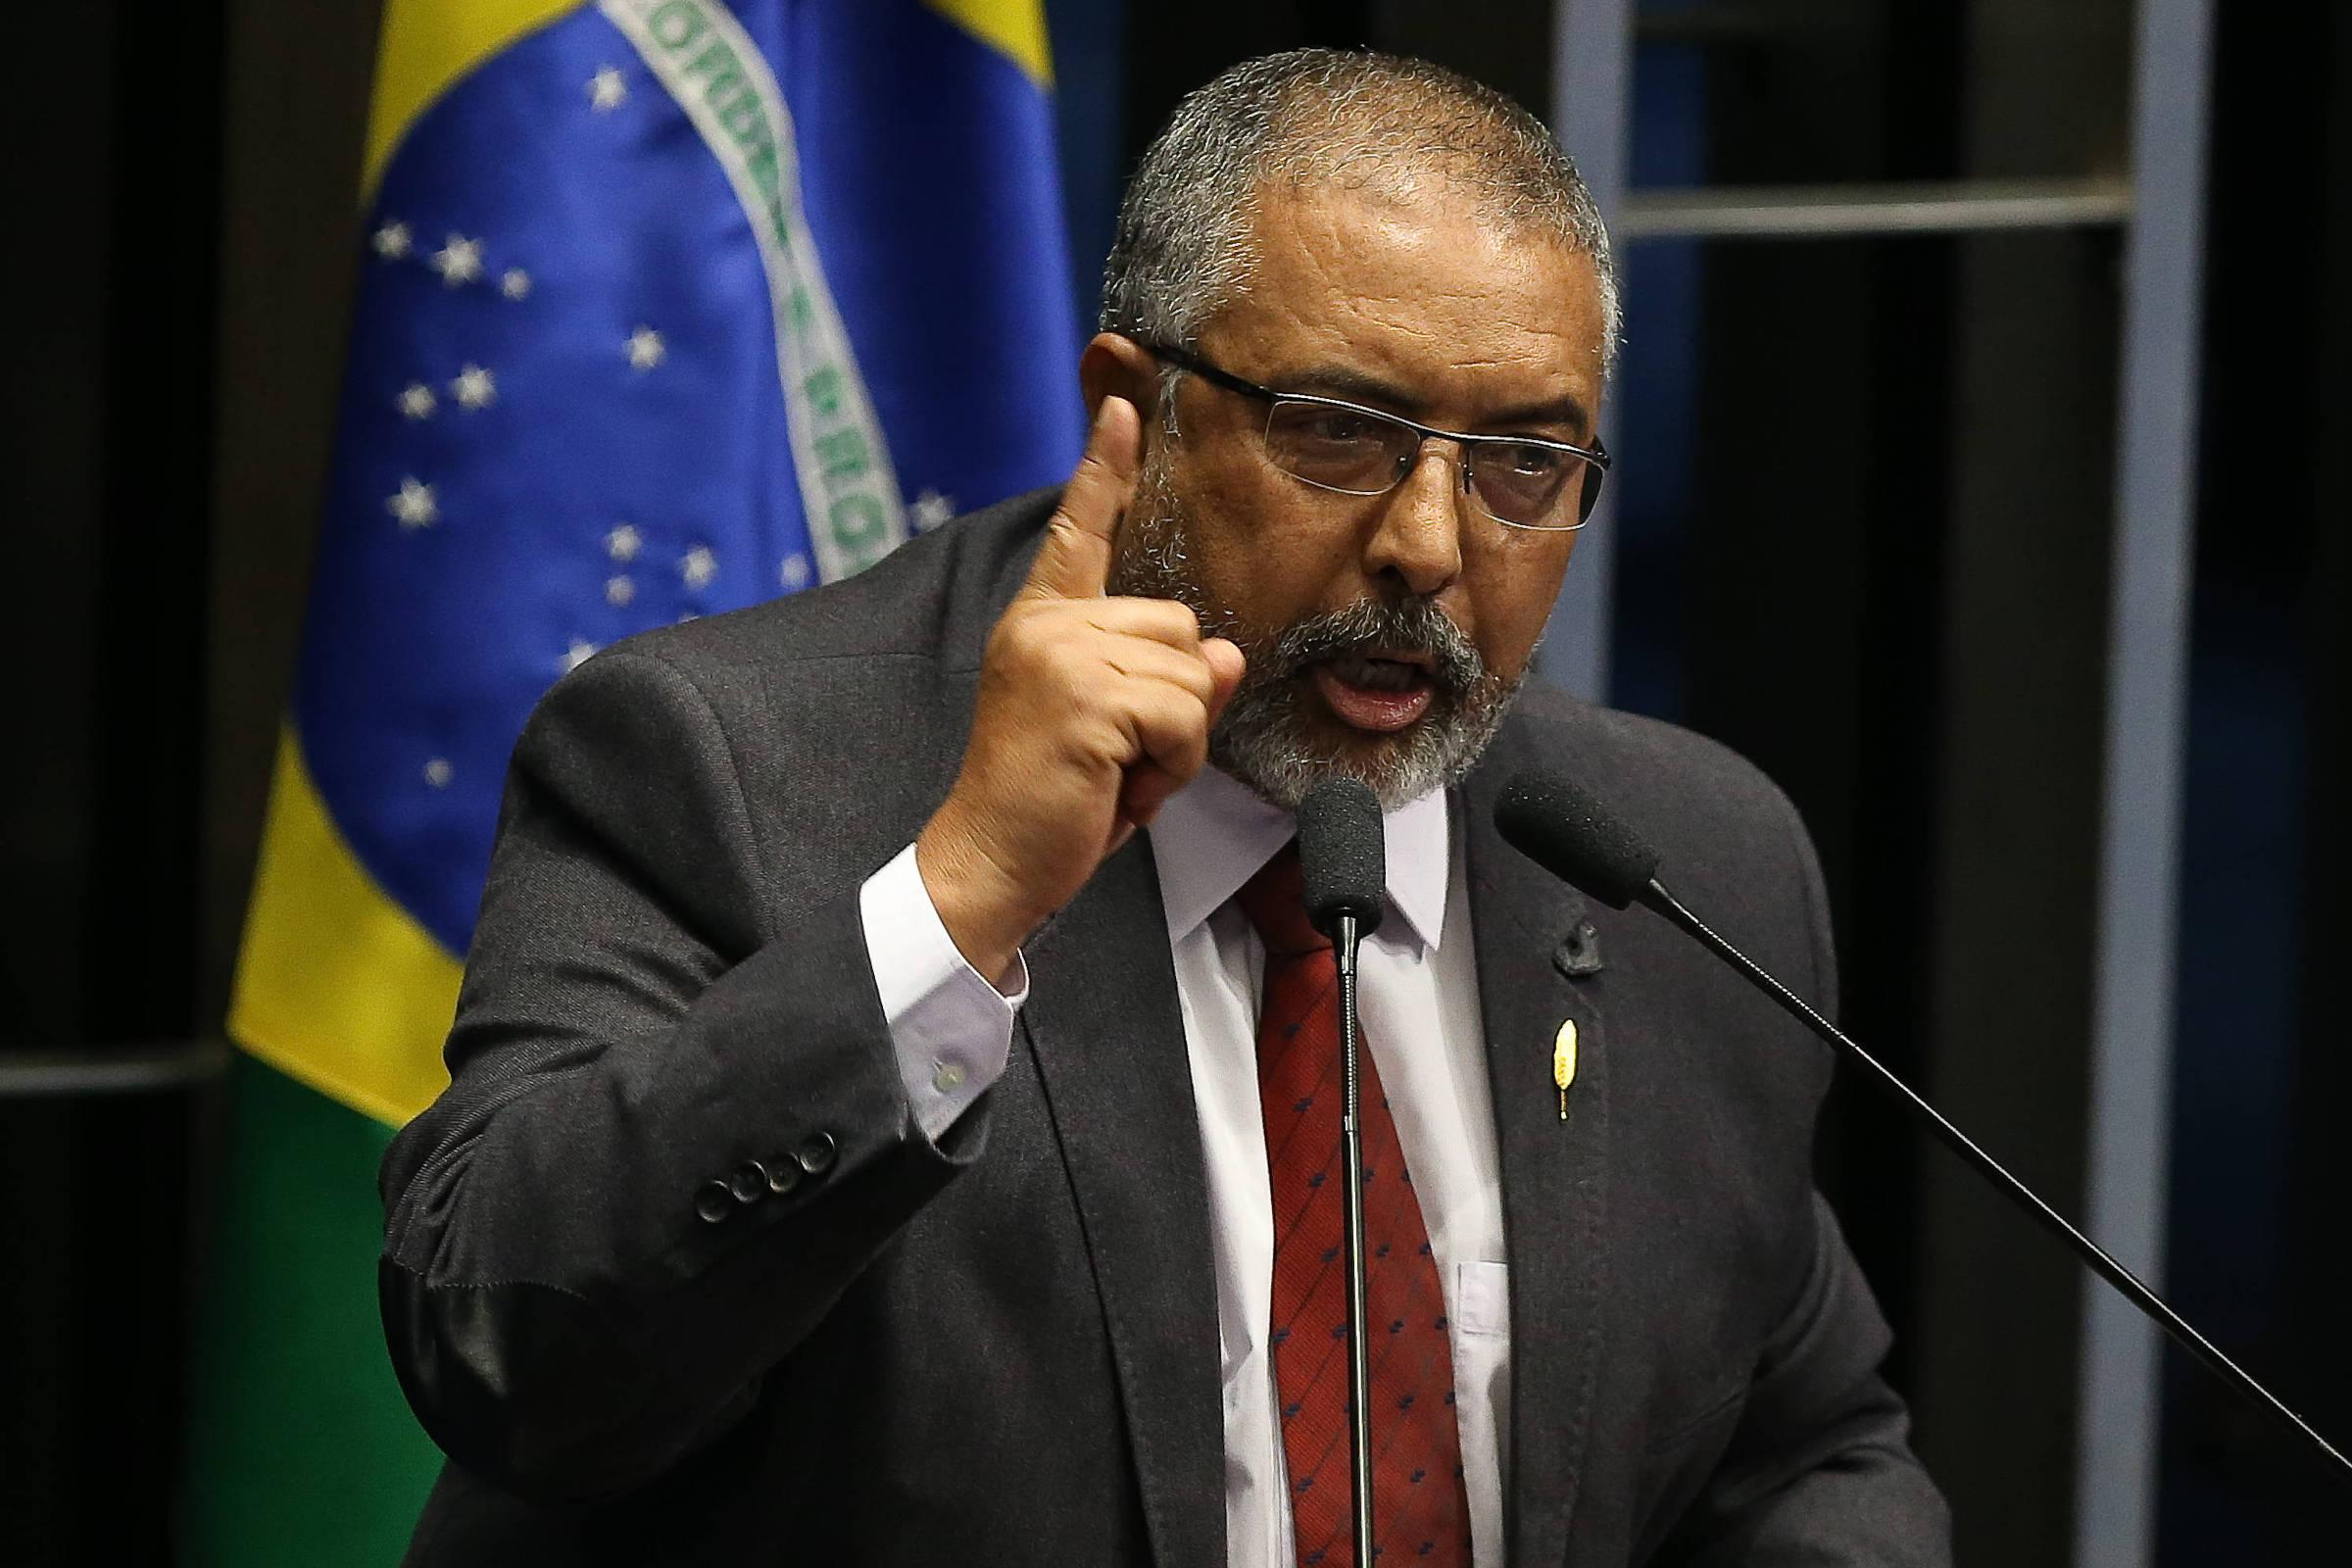 O senador Paulo Paim (PT-RS) em sessão no Congresso, em Brasília - Alan Marques - 13.dez.16/Folhapress